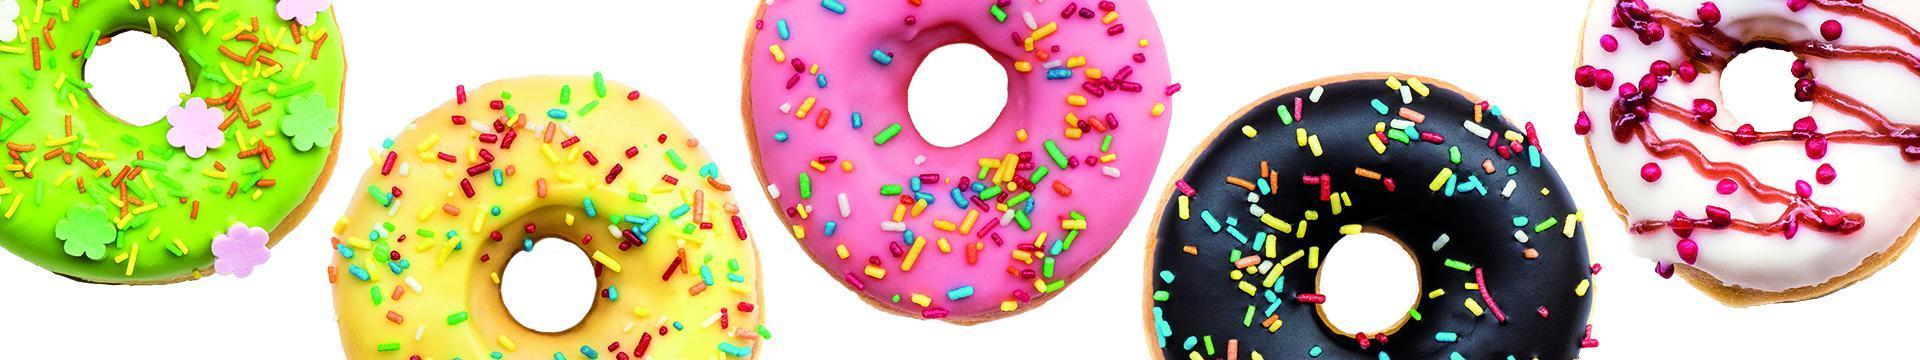 Dunkin' Donuts Livraison à domicile